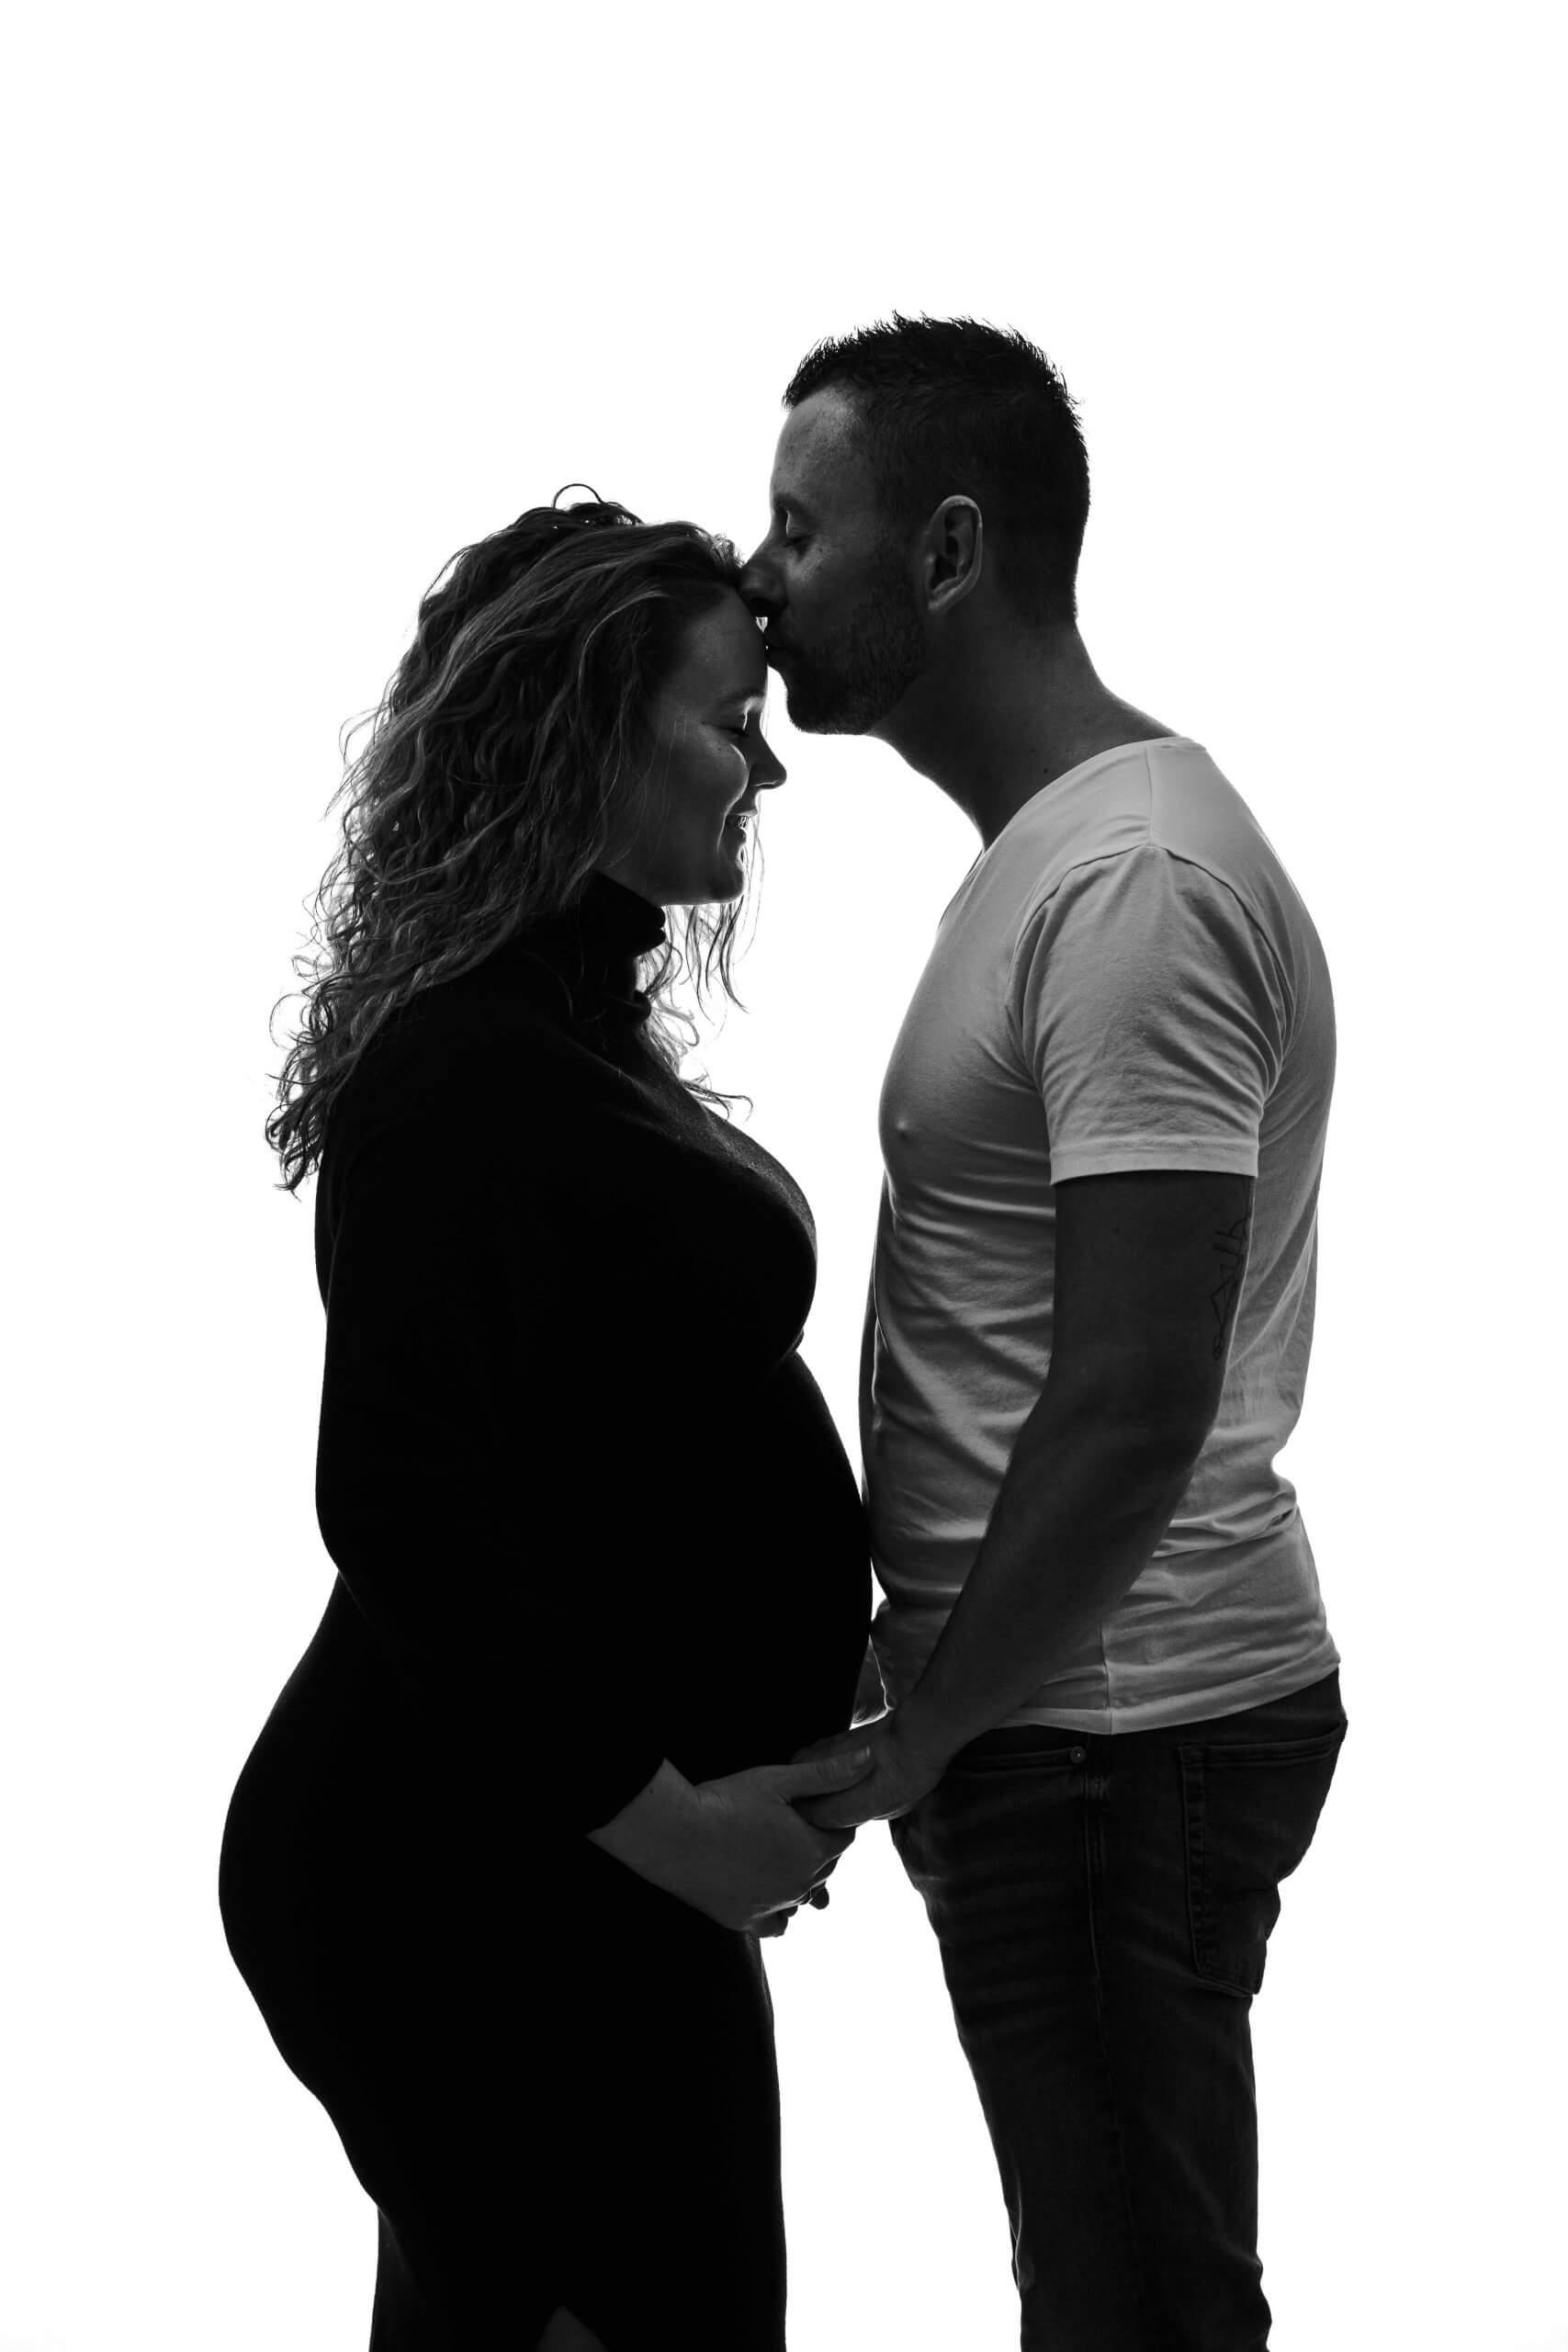 Zwangerschap koppel kusje lief papa to be studio fotoshoot silhouette